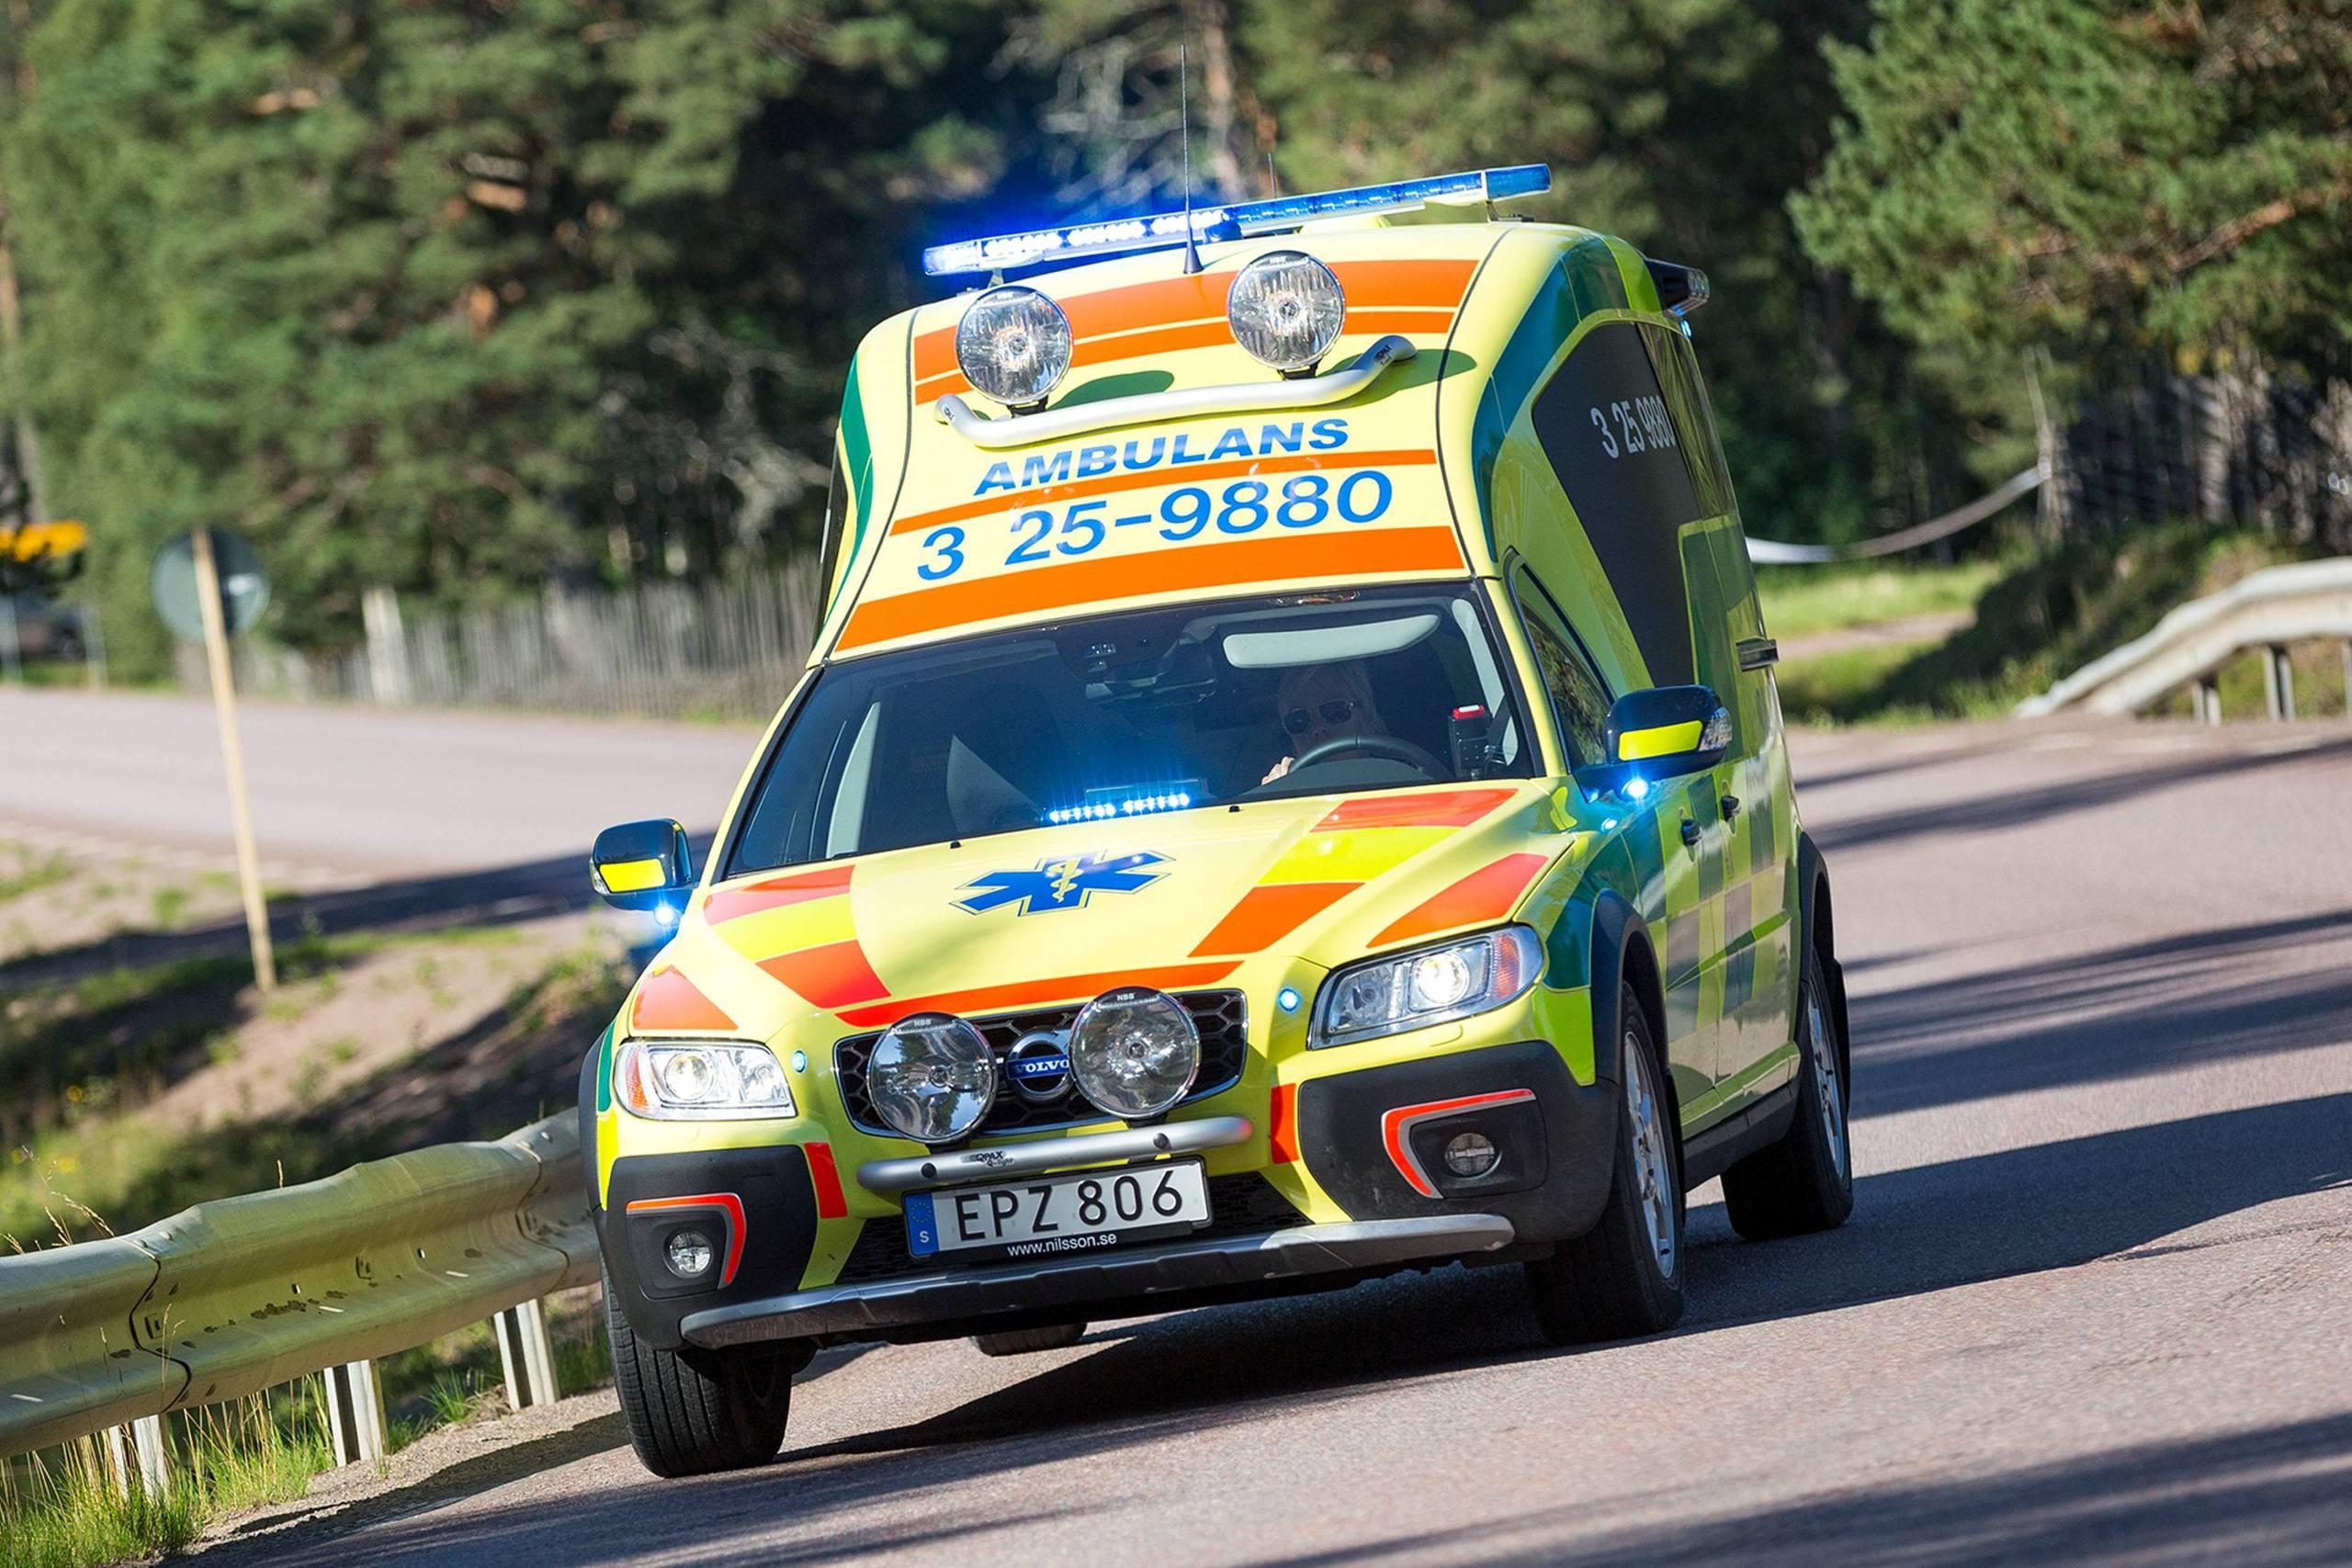 Antalet ambulansutryckningar okar